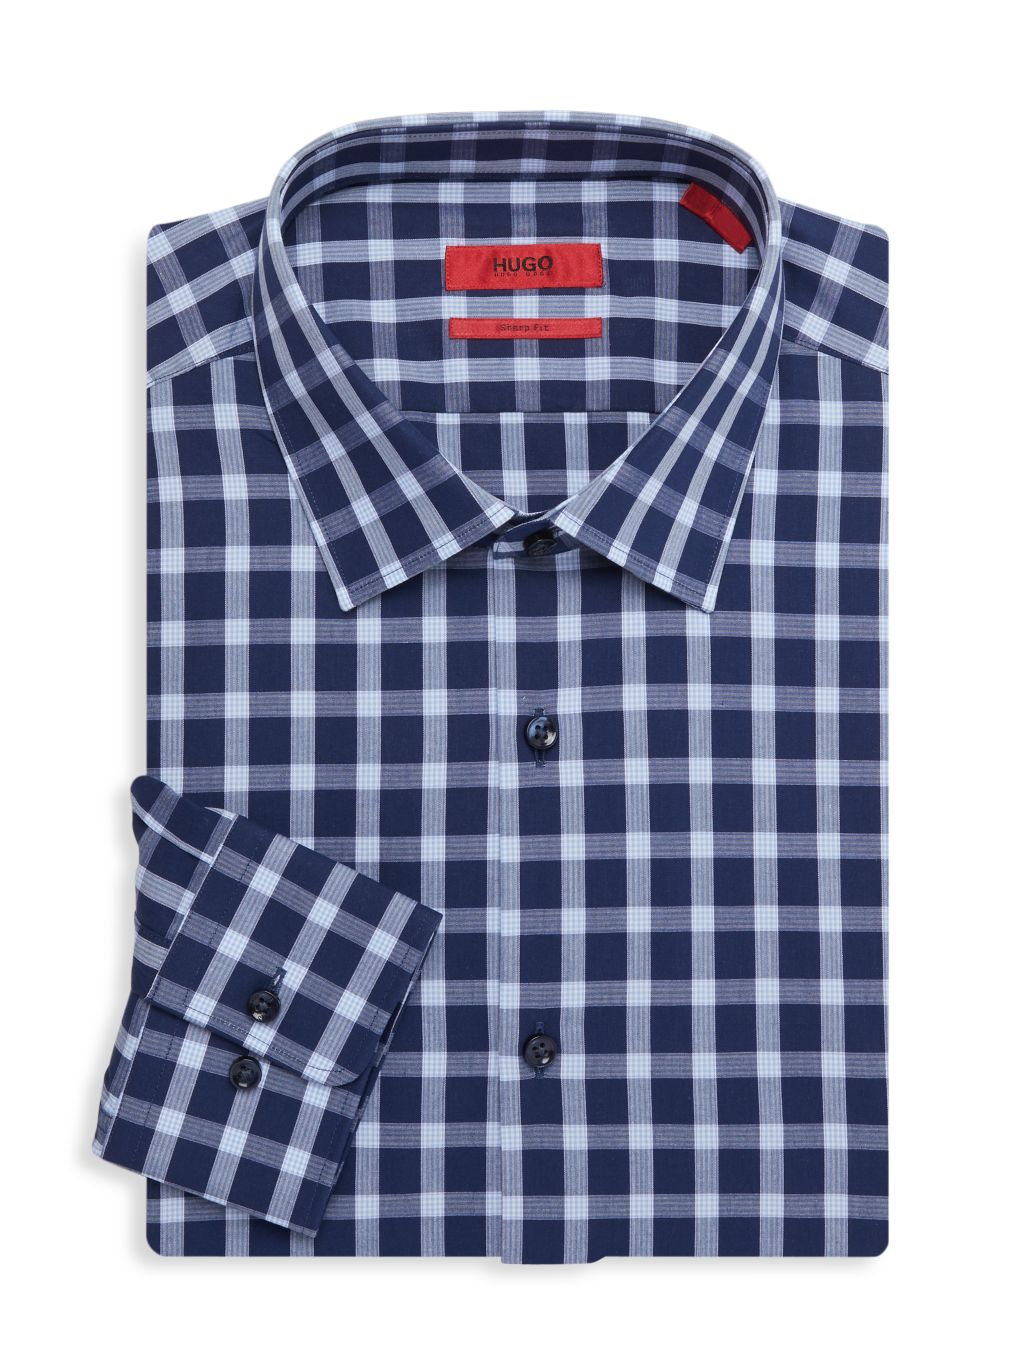 HUGO Mabel Sharp-Fit Gingham Dress Shirt